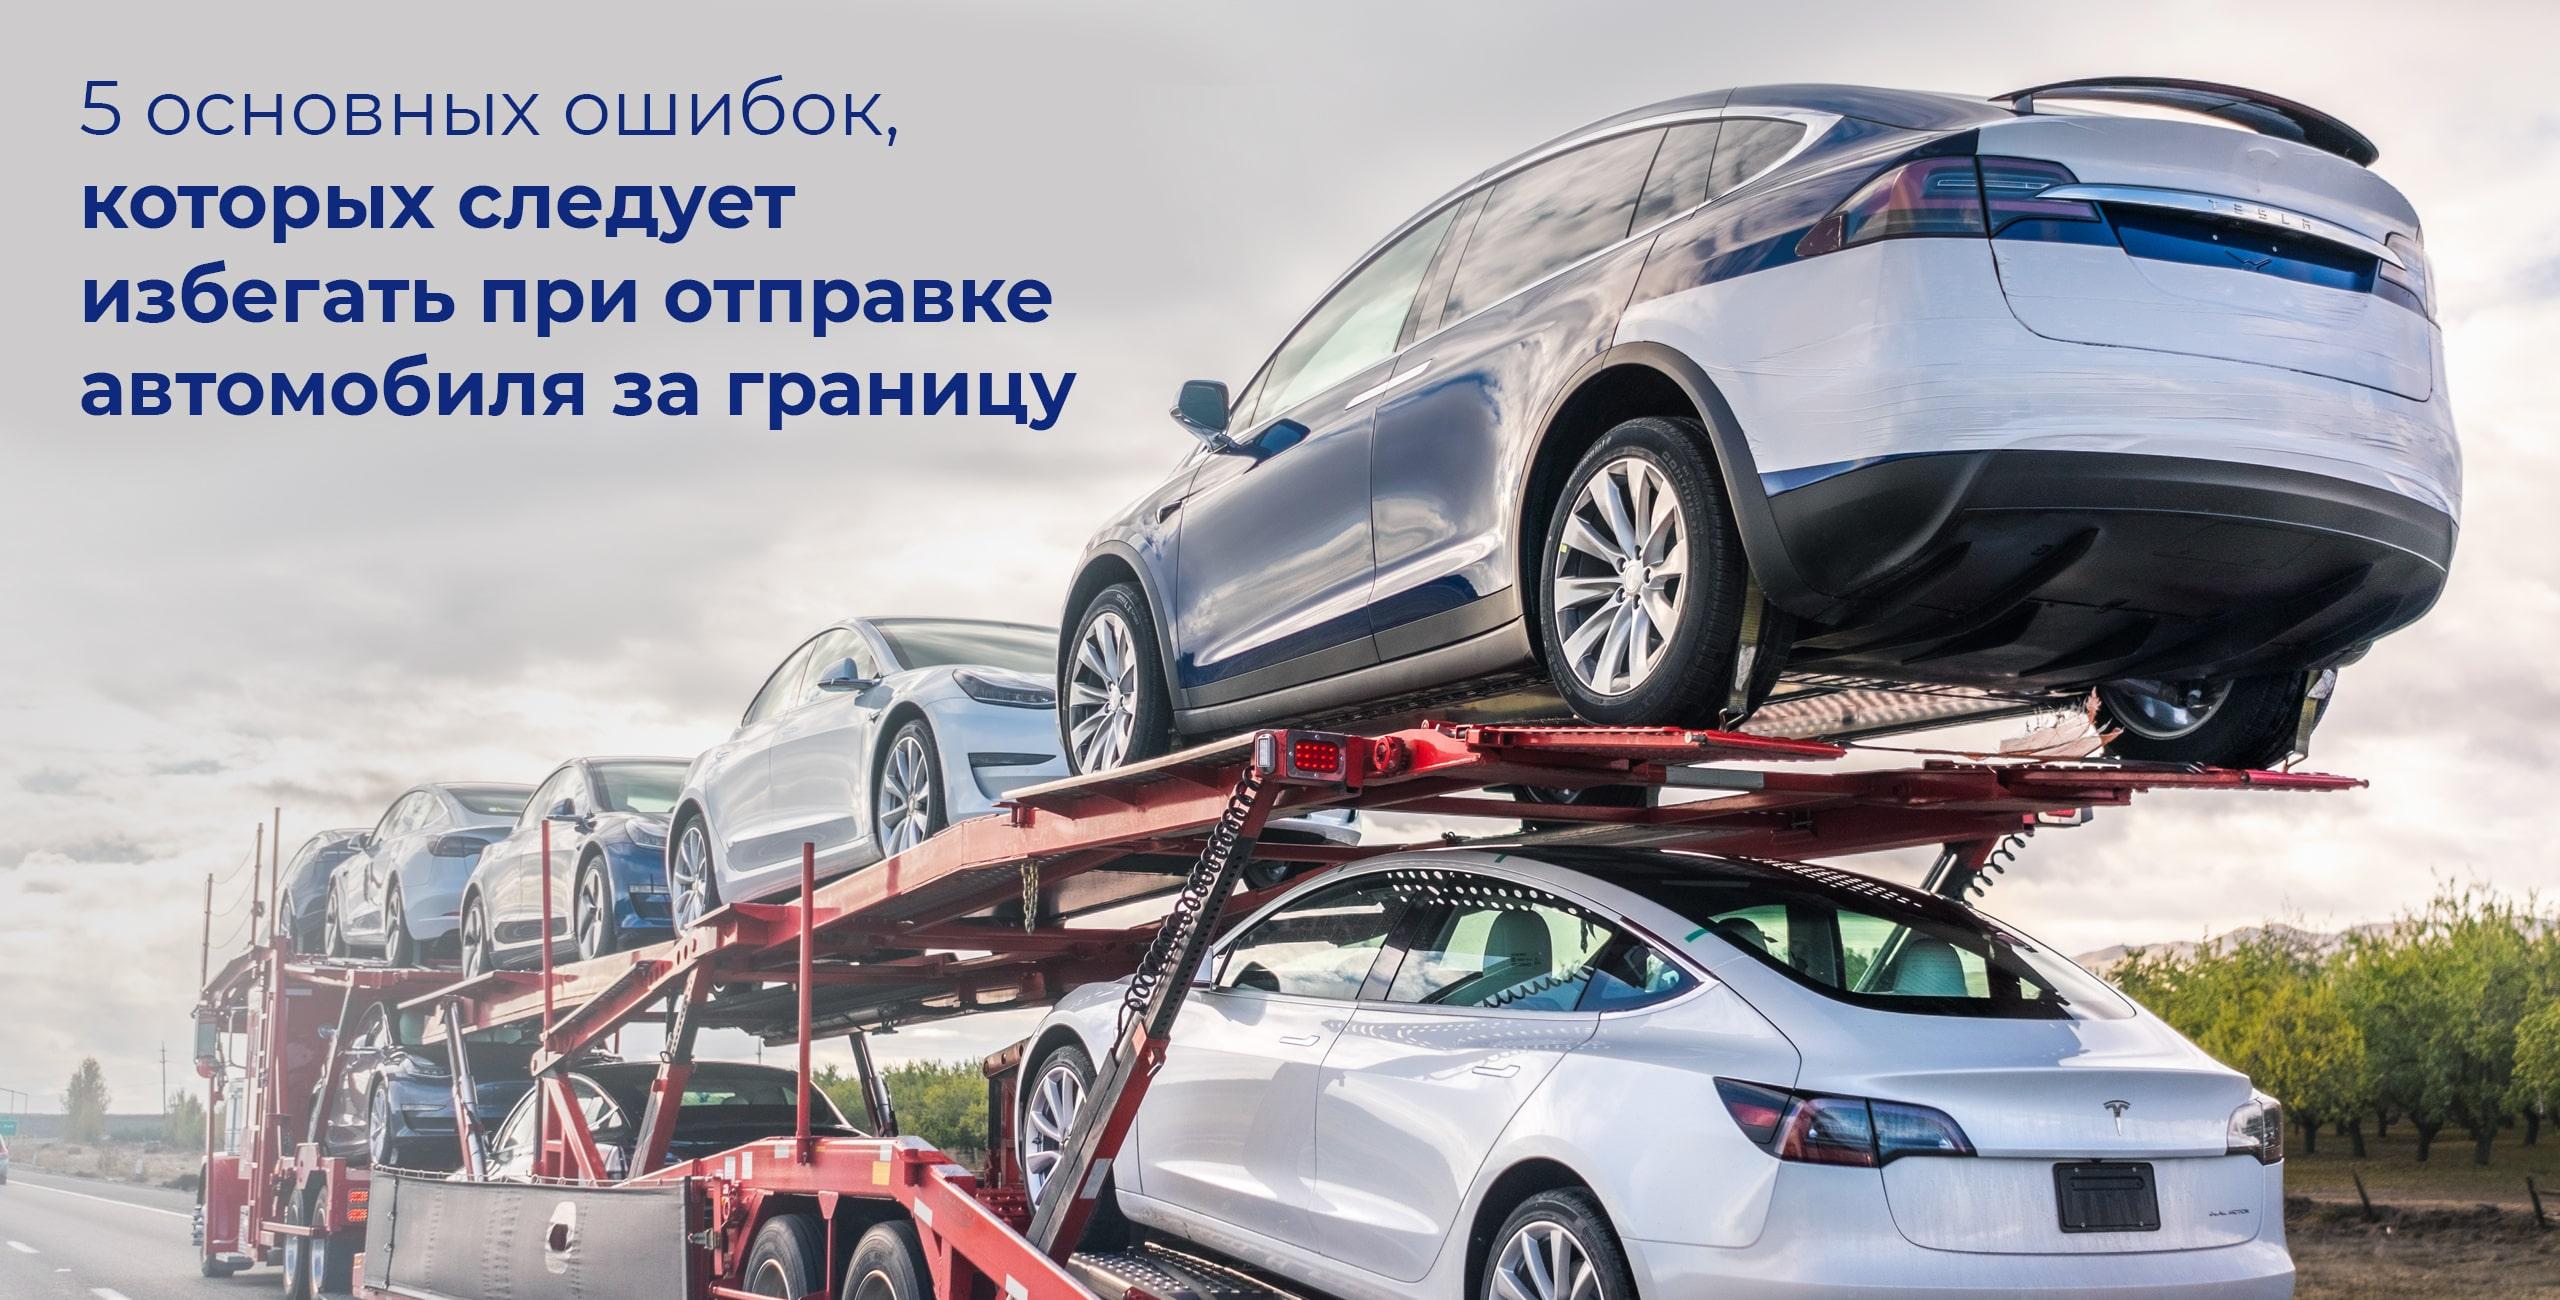 Доставка авто из США